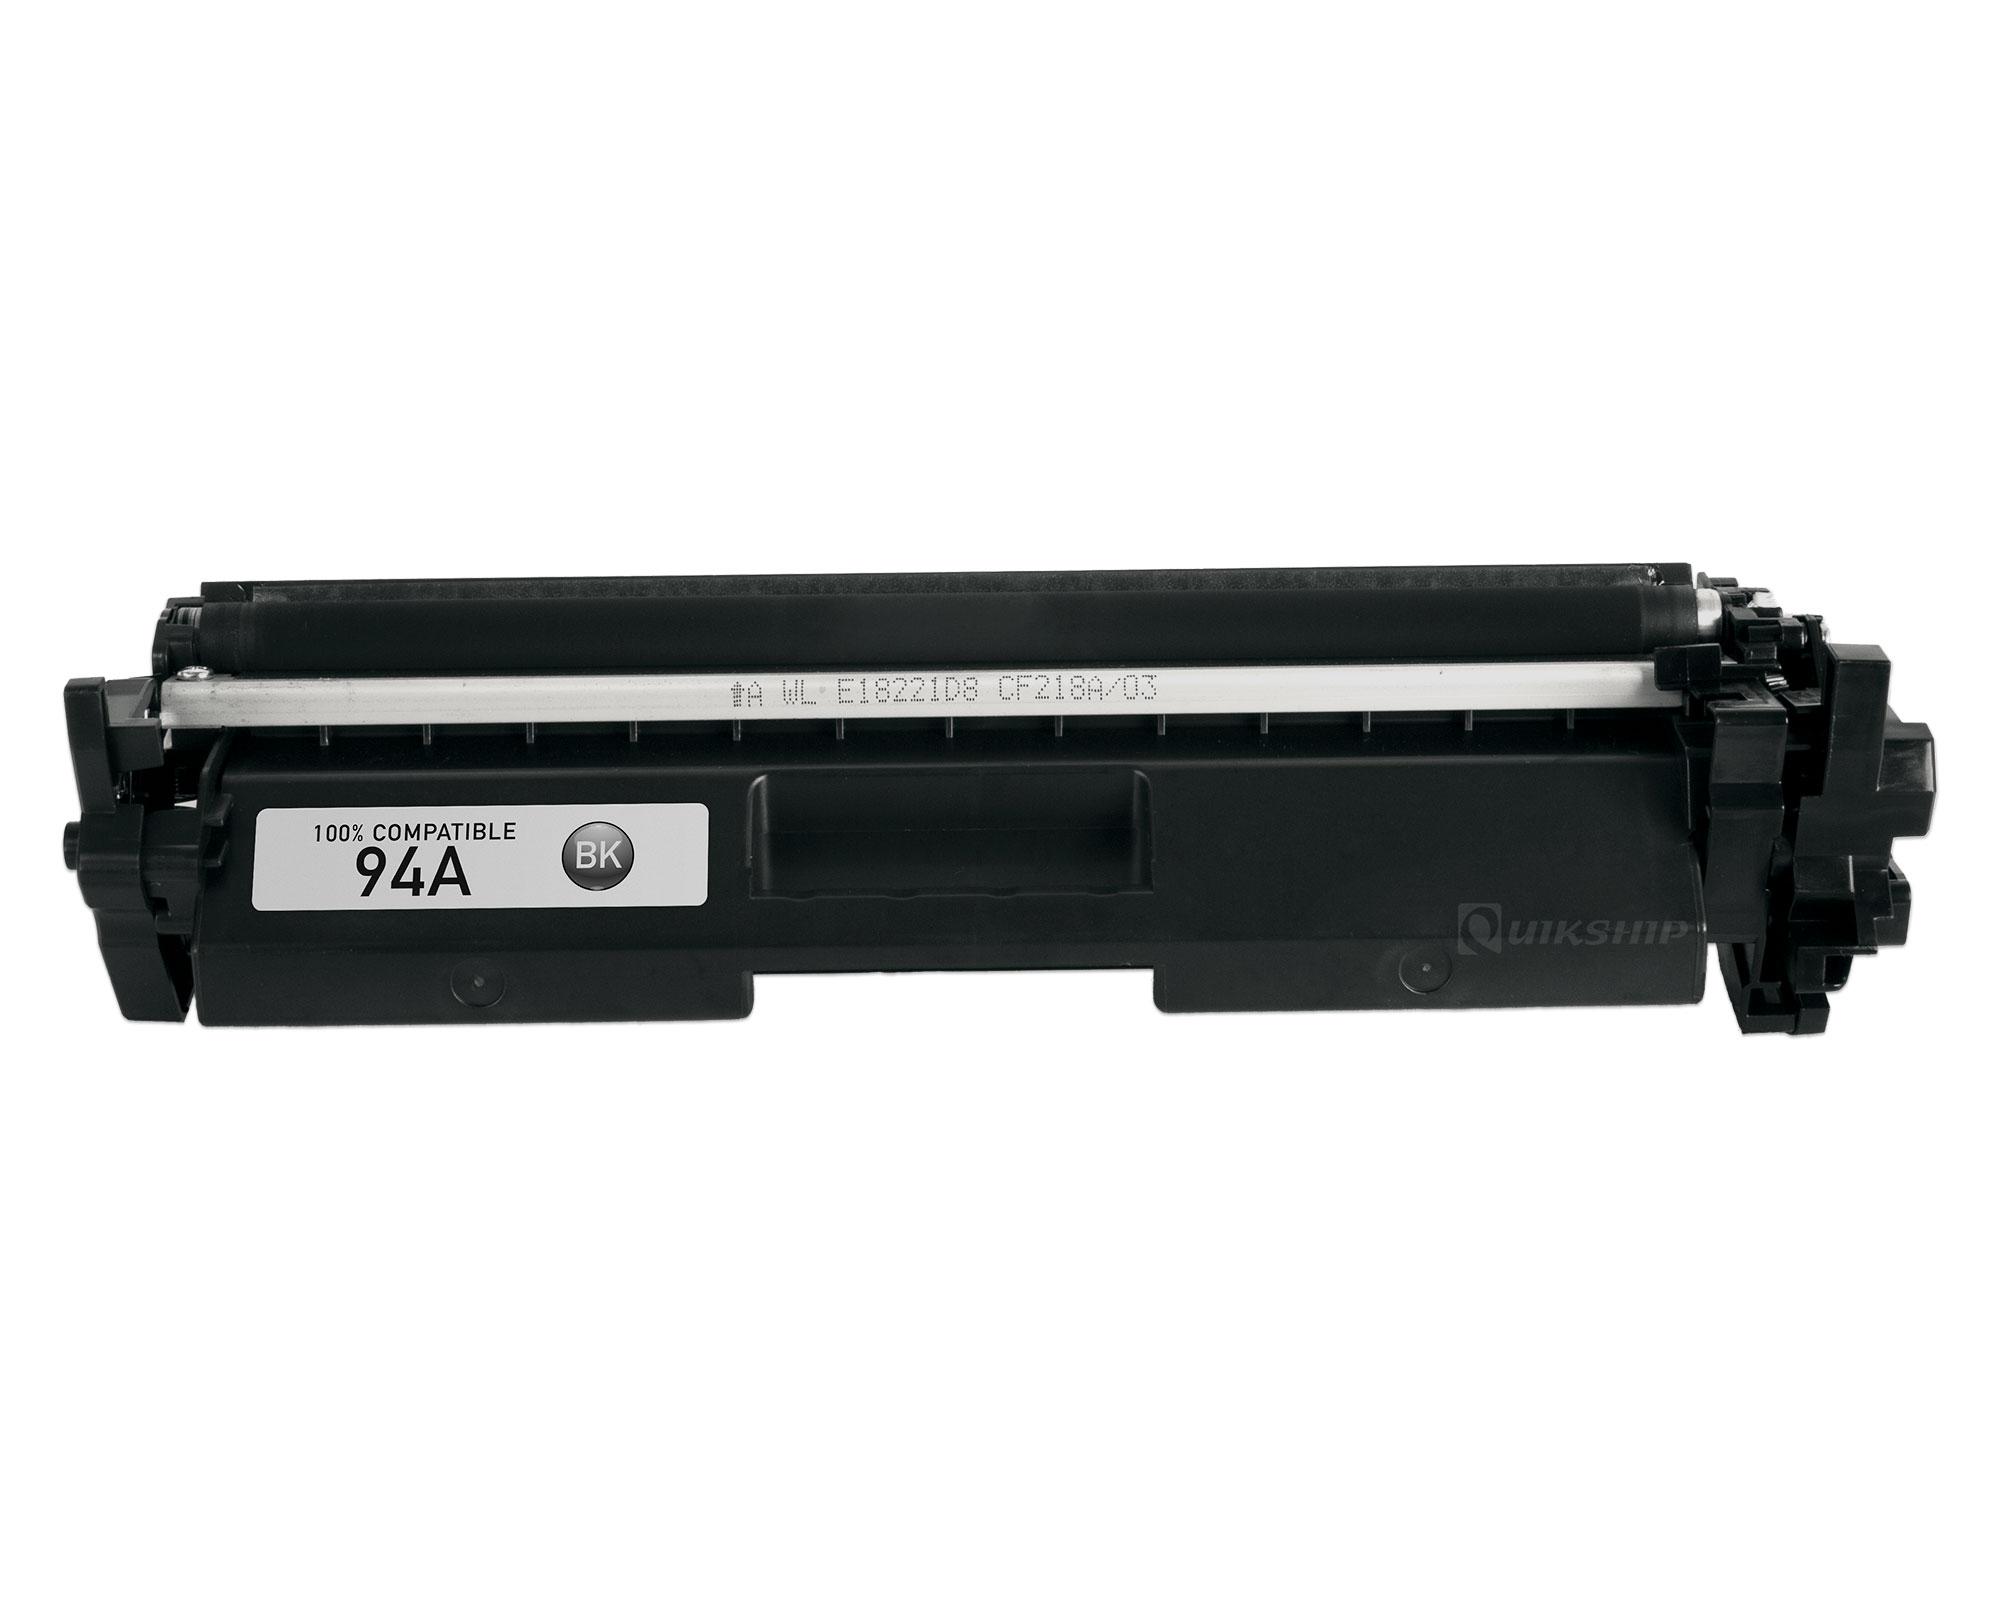 Hpcf294a Compativel